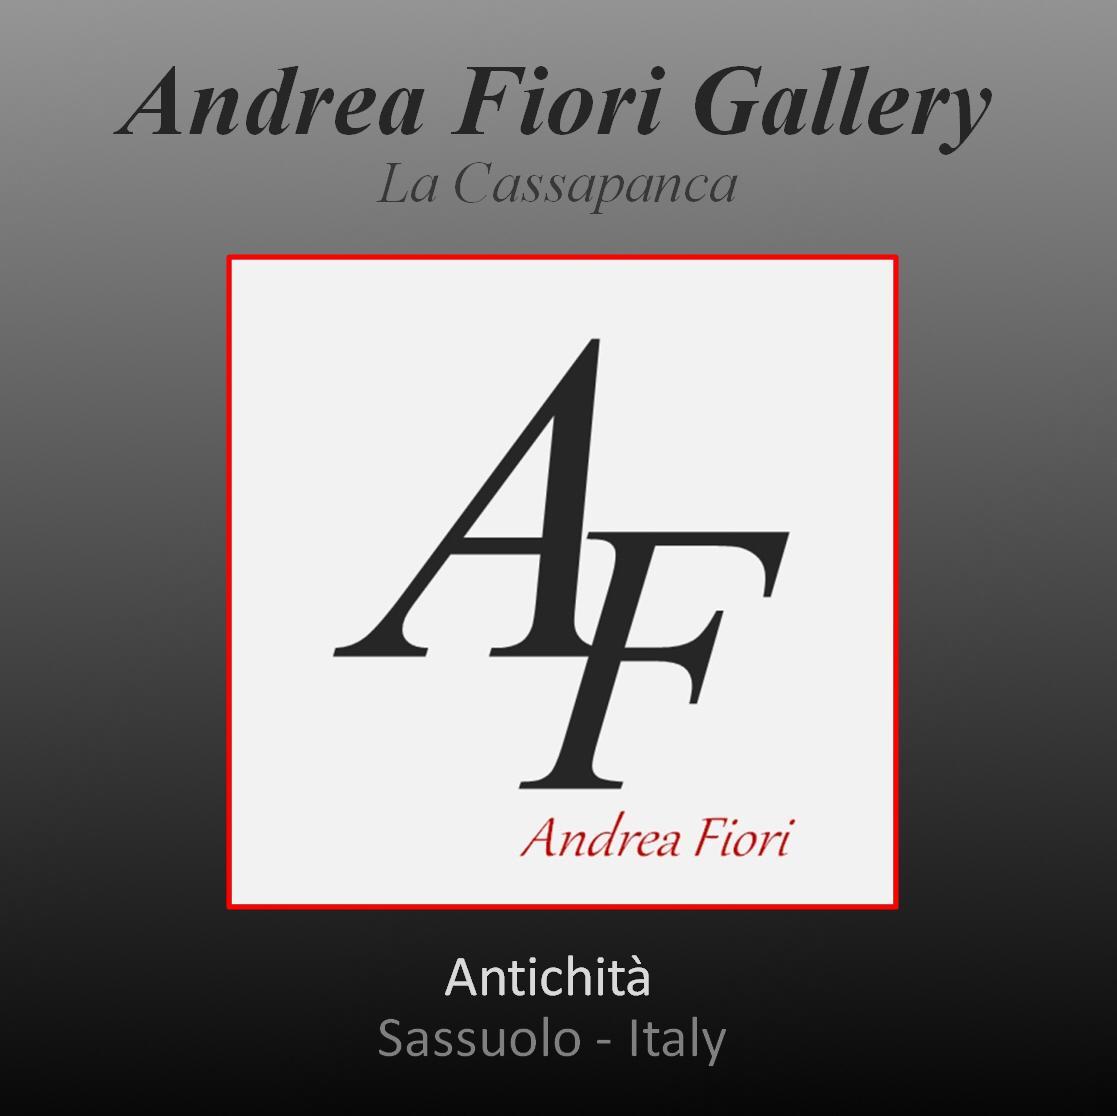 La Cassapanca di Andrea Fiori